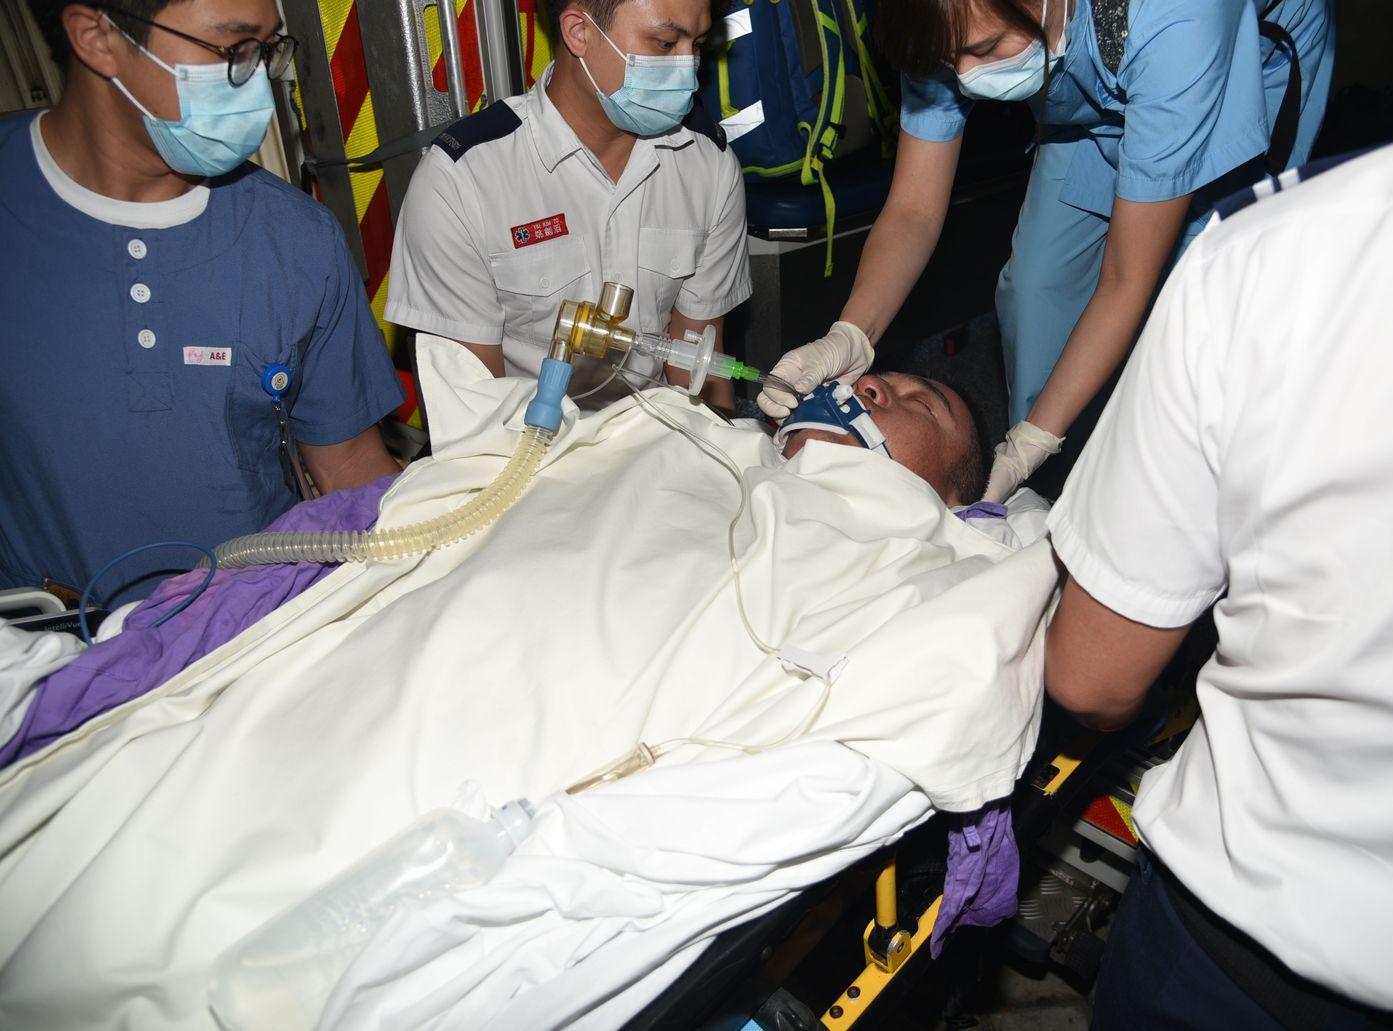 其中兩人傷勢嚴重仍危殆。